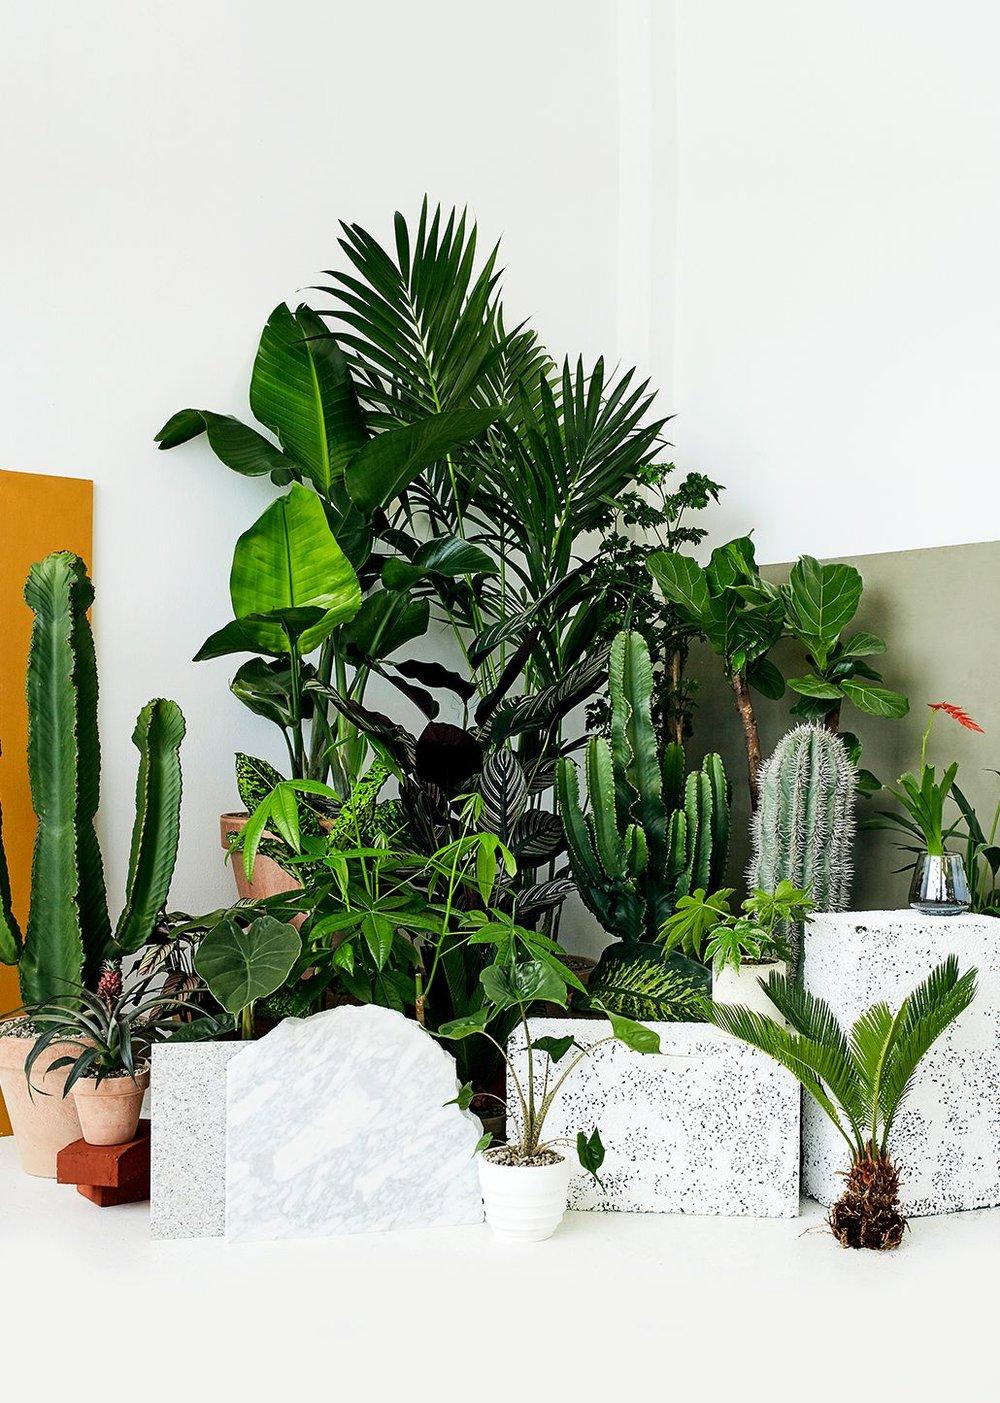 Plantedesign for virksomheder - Vil du gerne skabe en bedre og grønnere atmosfære på arbejdspladsen? Så lad os hjælpe.Uanset om du har en butik, en restaurant eller et kontorlandskab kan vi hjælpe med at udarbejde den helt rigtige indretning med planter, der får det bedste frem i lokalerne og matcher dit brand og budget. Vi giver ærlig og professionel vejledning og laver specialdesignede planteløsninger til jer.